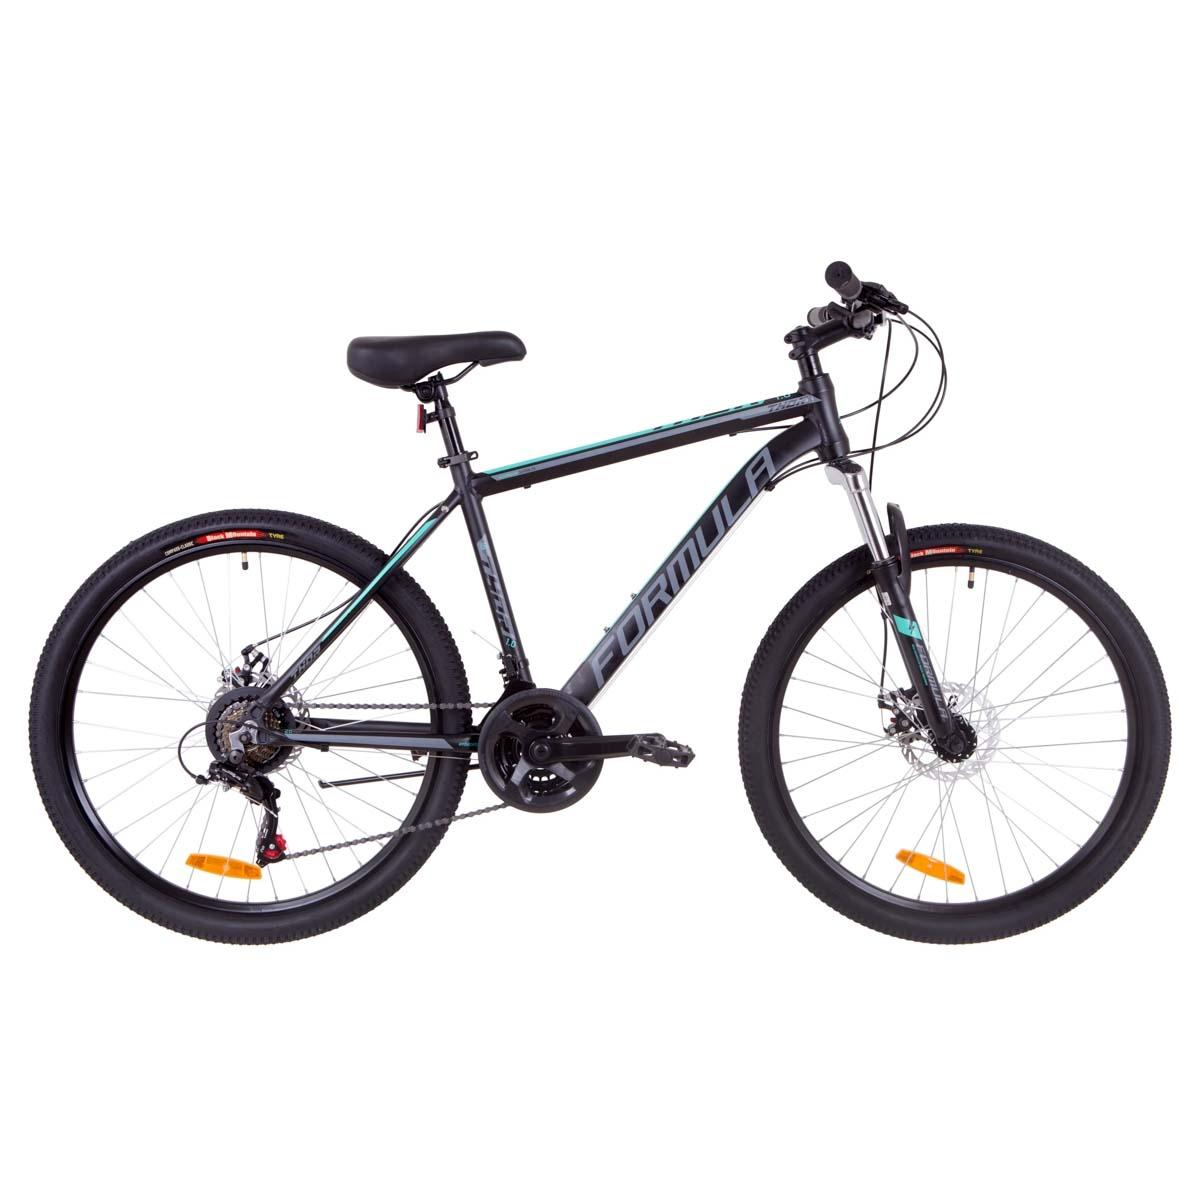 Фото Горный Велосипед 26  Formula THOR 1.0 DD рама 18″ черно-серый с бирюзовым 2019